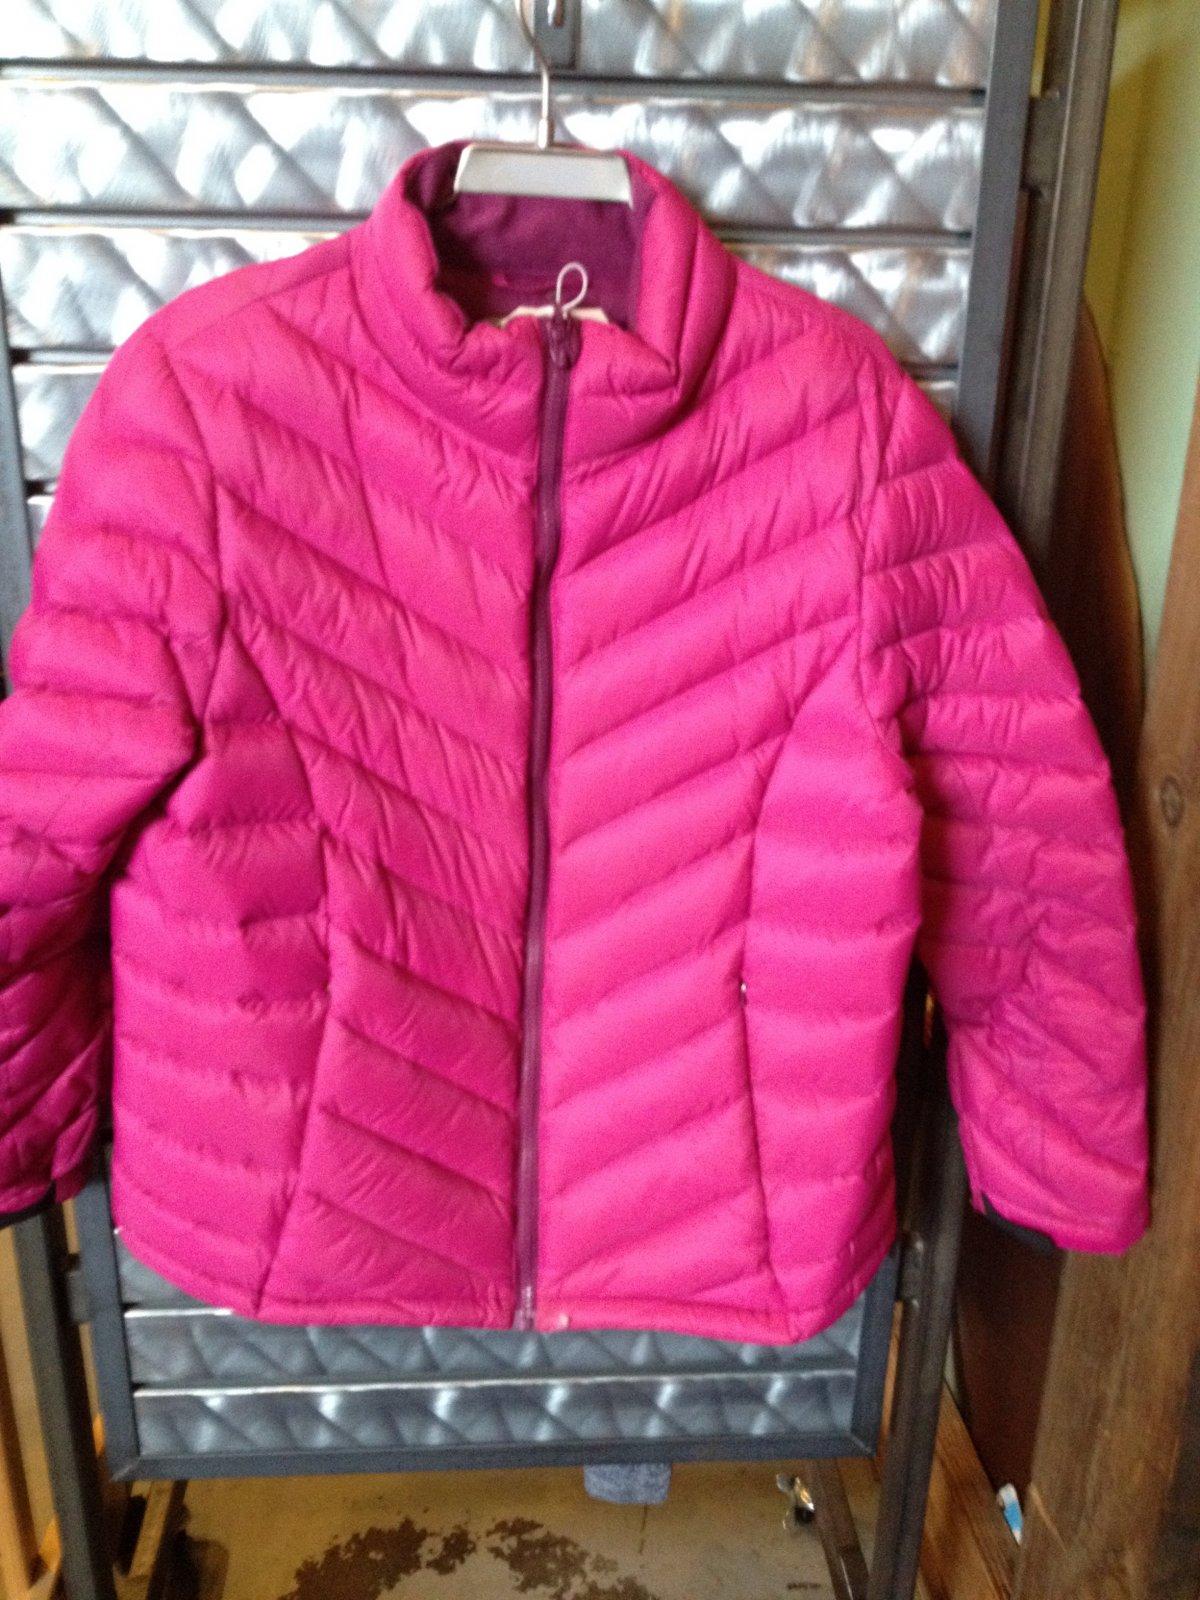 Consign - Women's Cabela's Jacket, Size Large